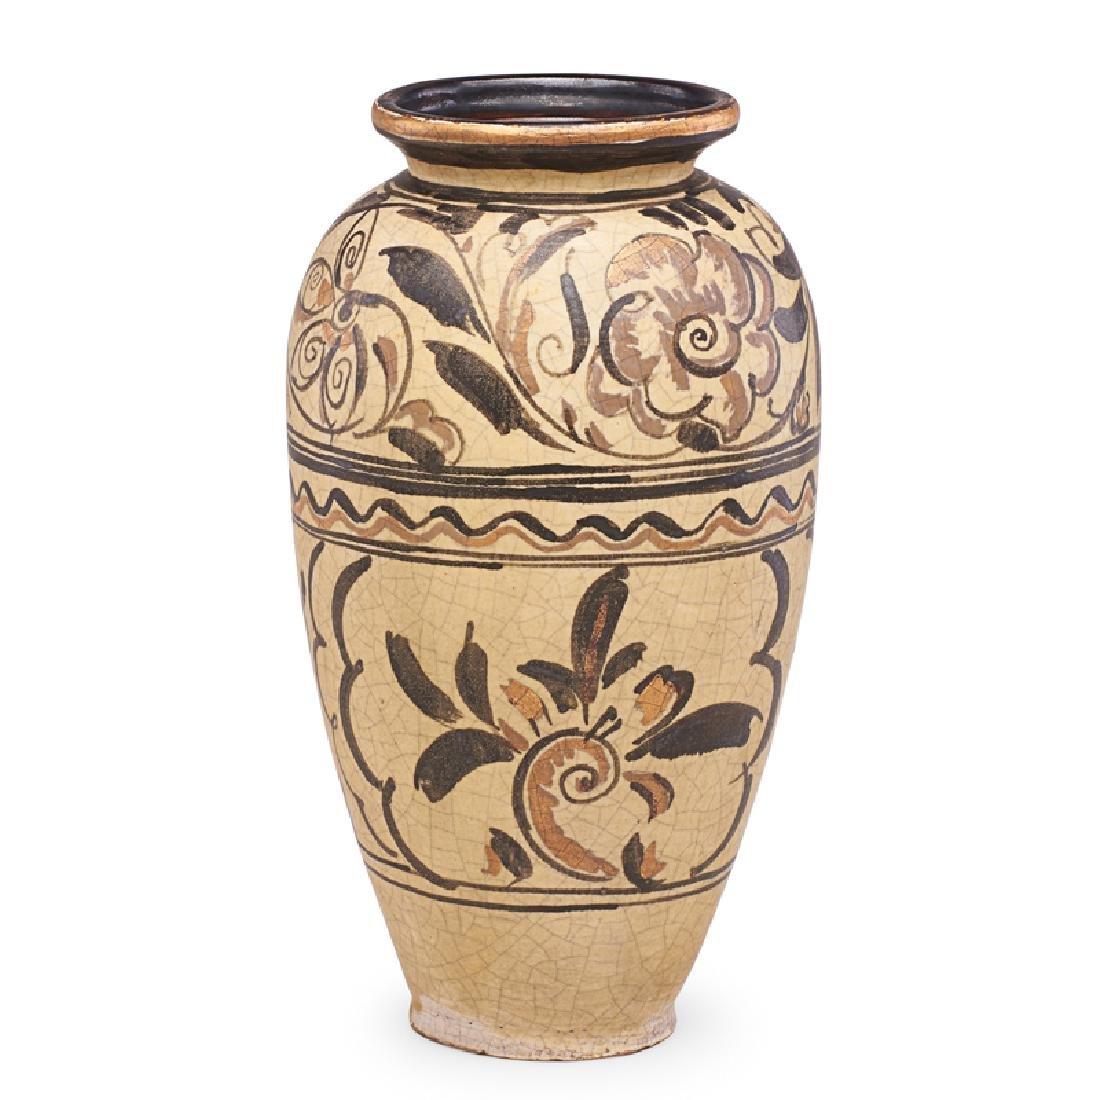 RENE BUTHAUD Large vase with stylized flowers - 3